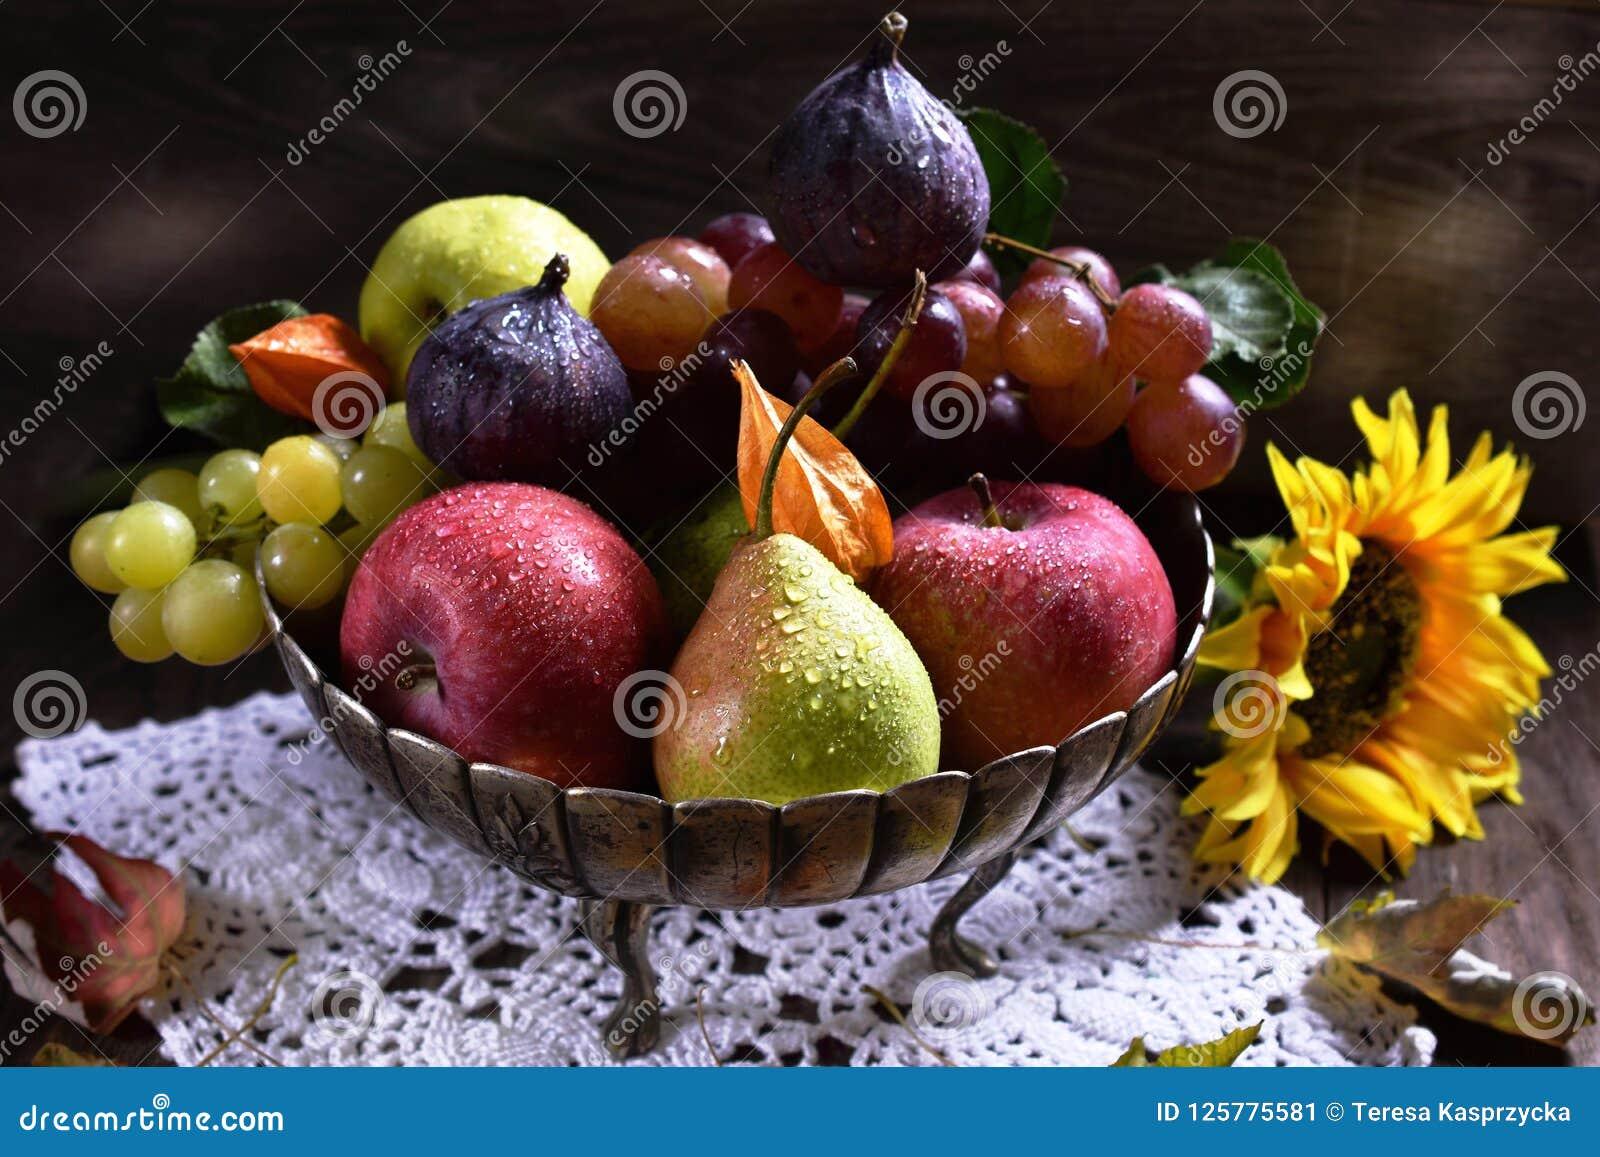 Hösten bär frukt stilleben